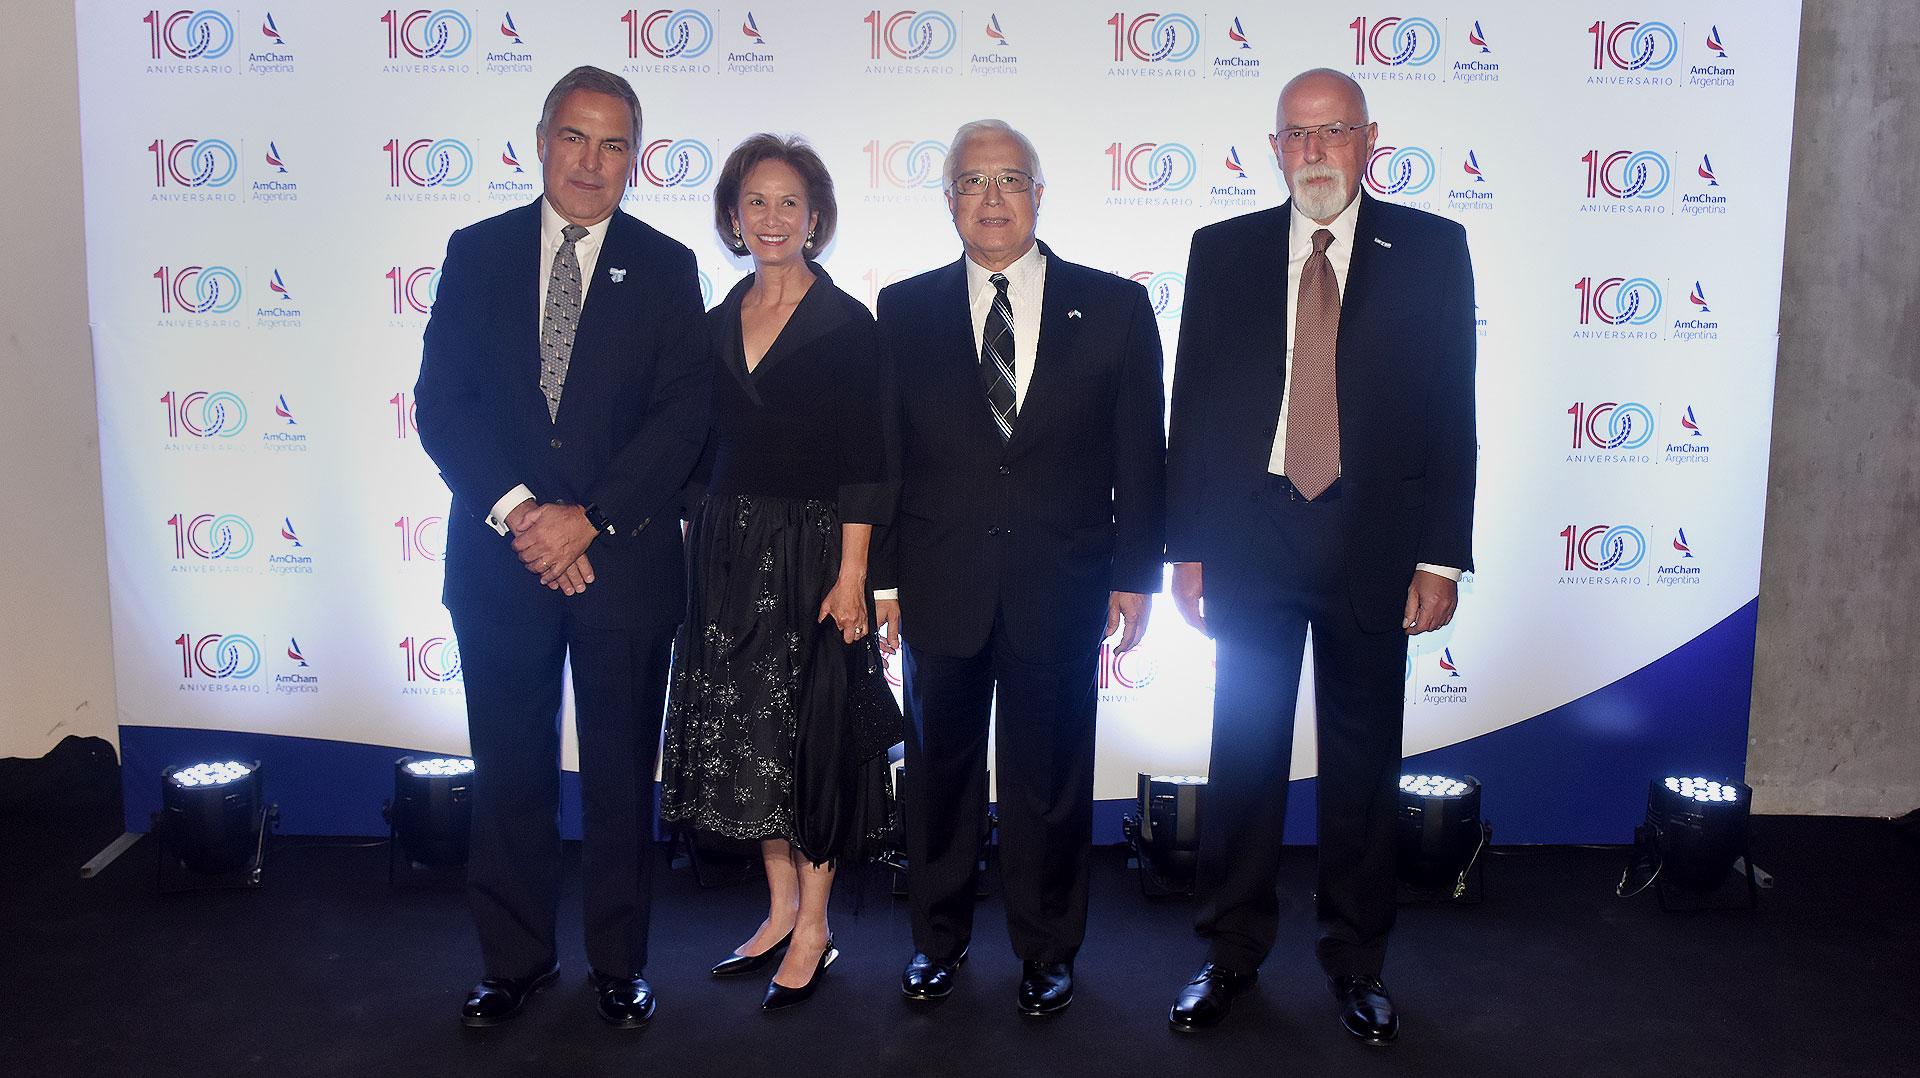 El presidente de AmCham Argentina, Manuel Aguirre, junto al embajador de los Estados Unidos en la Argentina, Edward Prado; su esposa María y Hugo Krajnc, miembro del board de AmCham